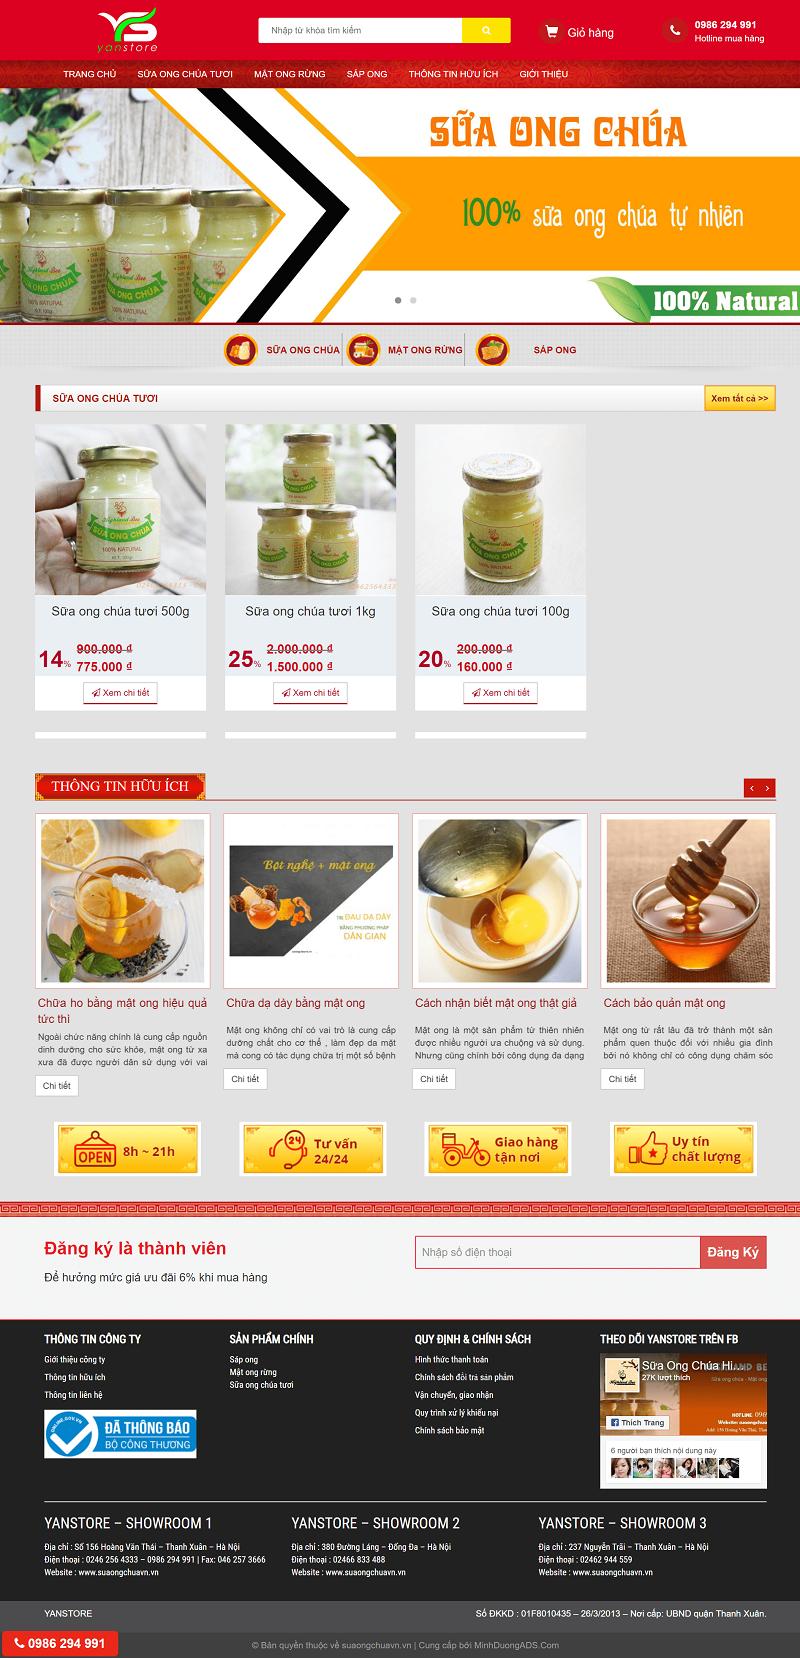 thiết kế website bán hàng sữa ong chúa